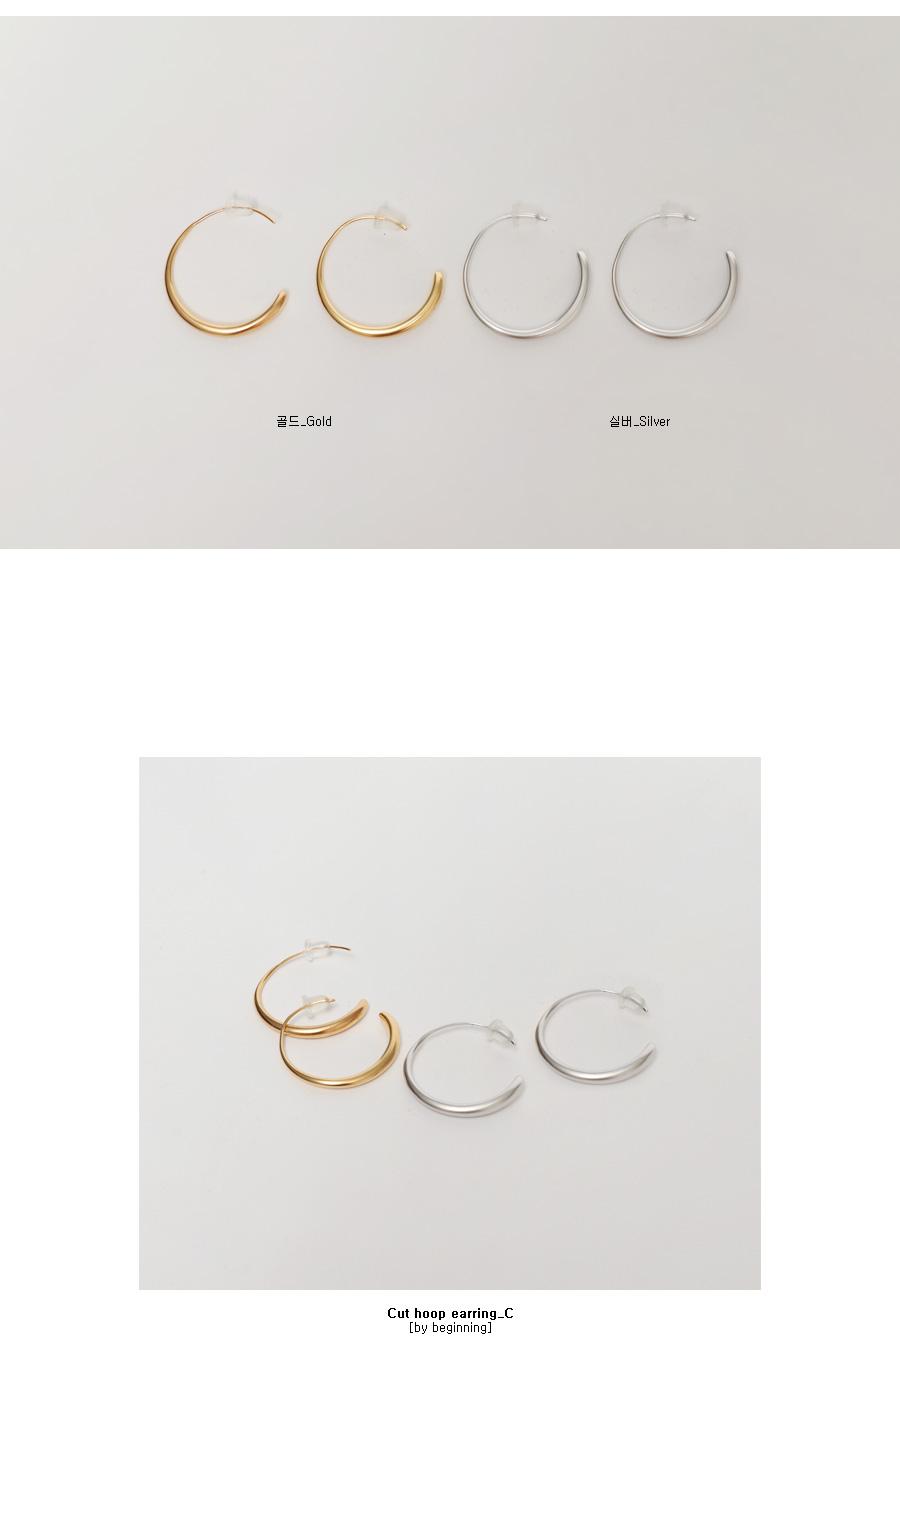 Cut hoop earring_C